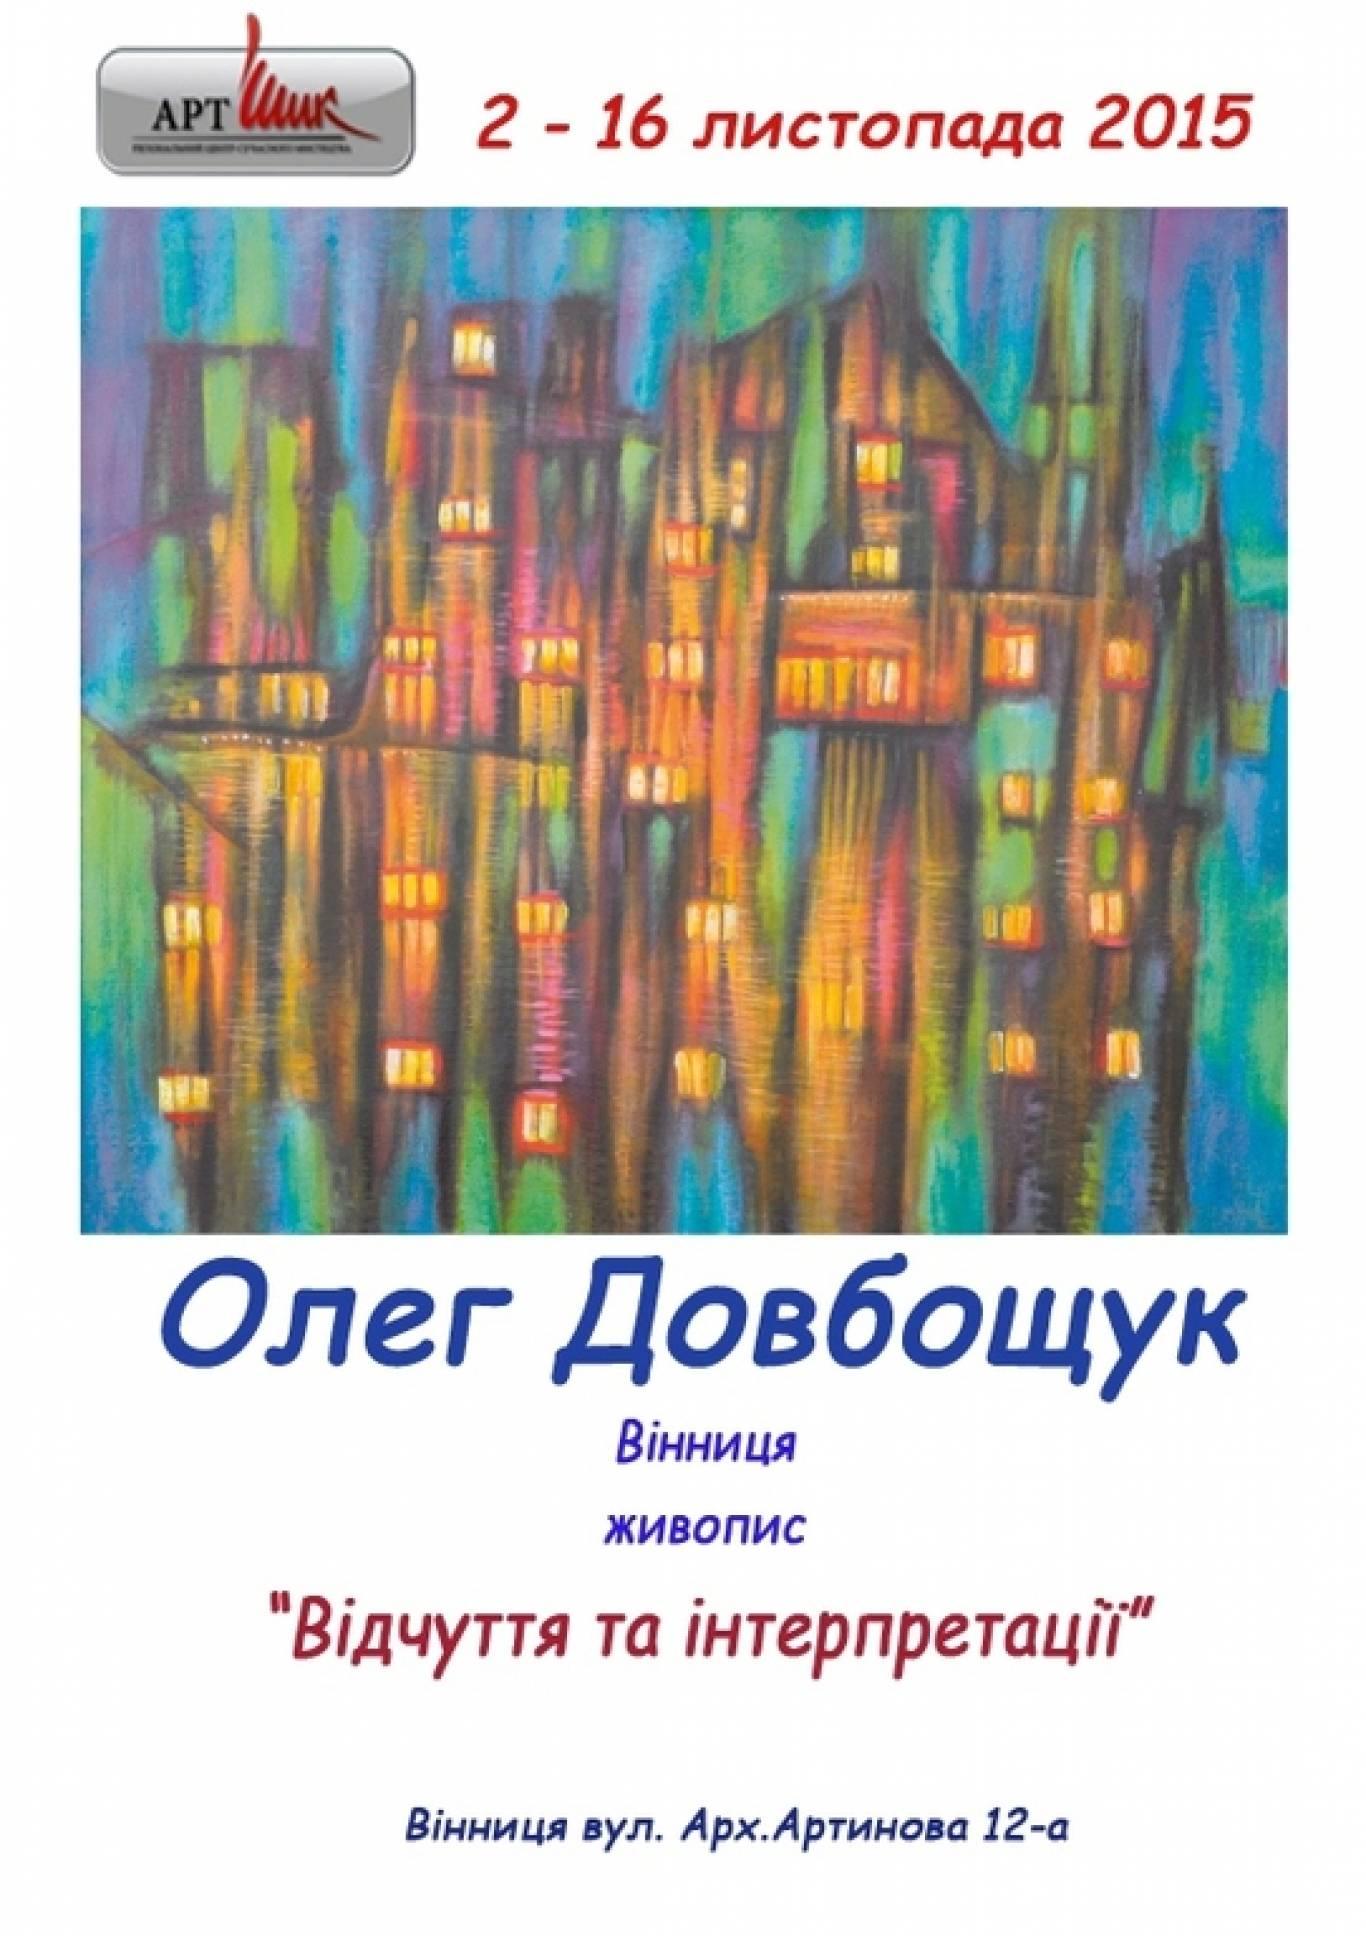 Виставка  вінницького художника Олега Карповича Довбощука